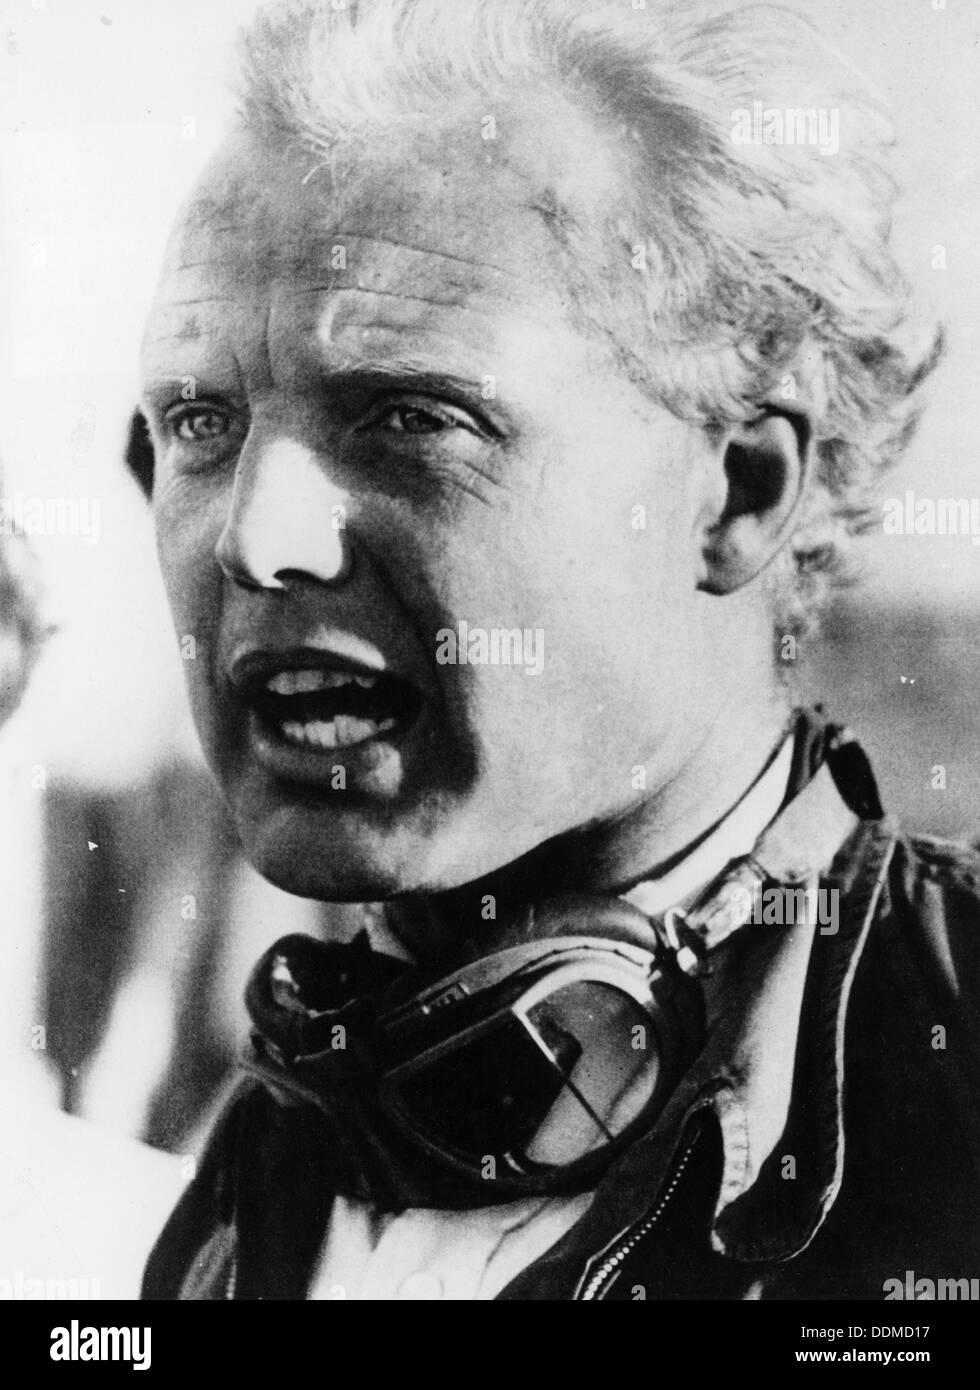 Mike Hawthorn, Rennfahrer, Mitte der 1950er Jahre. Stockbild